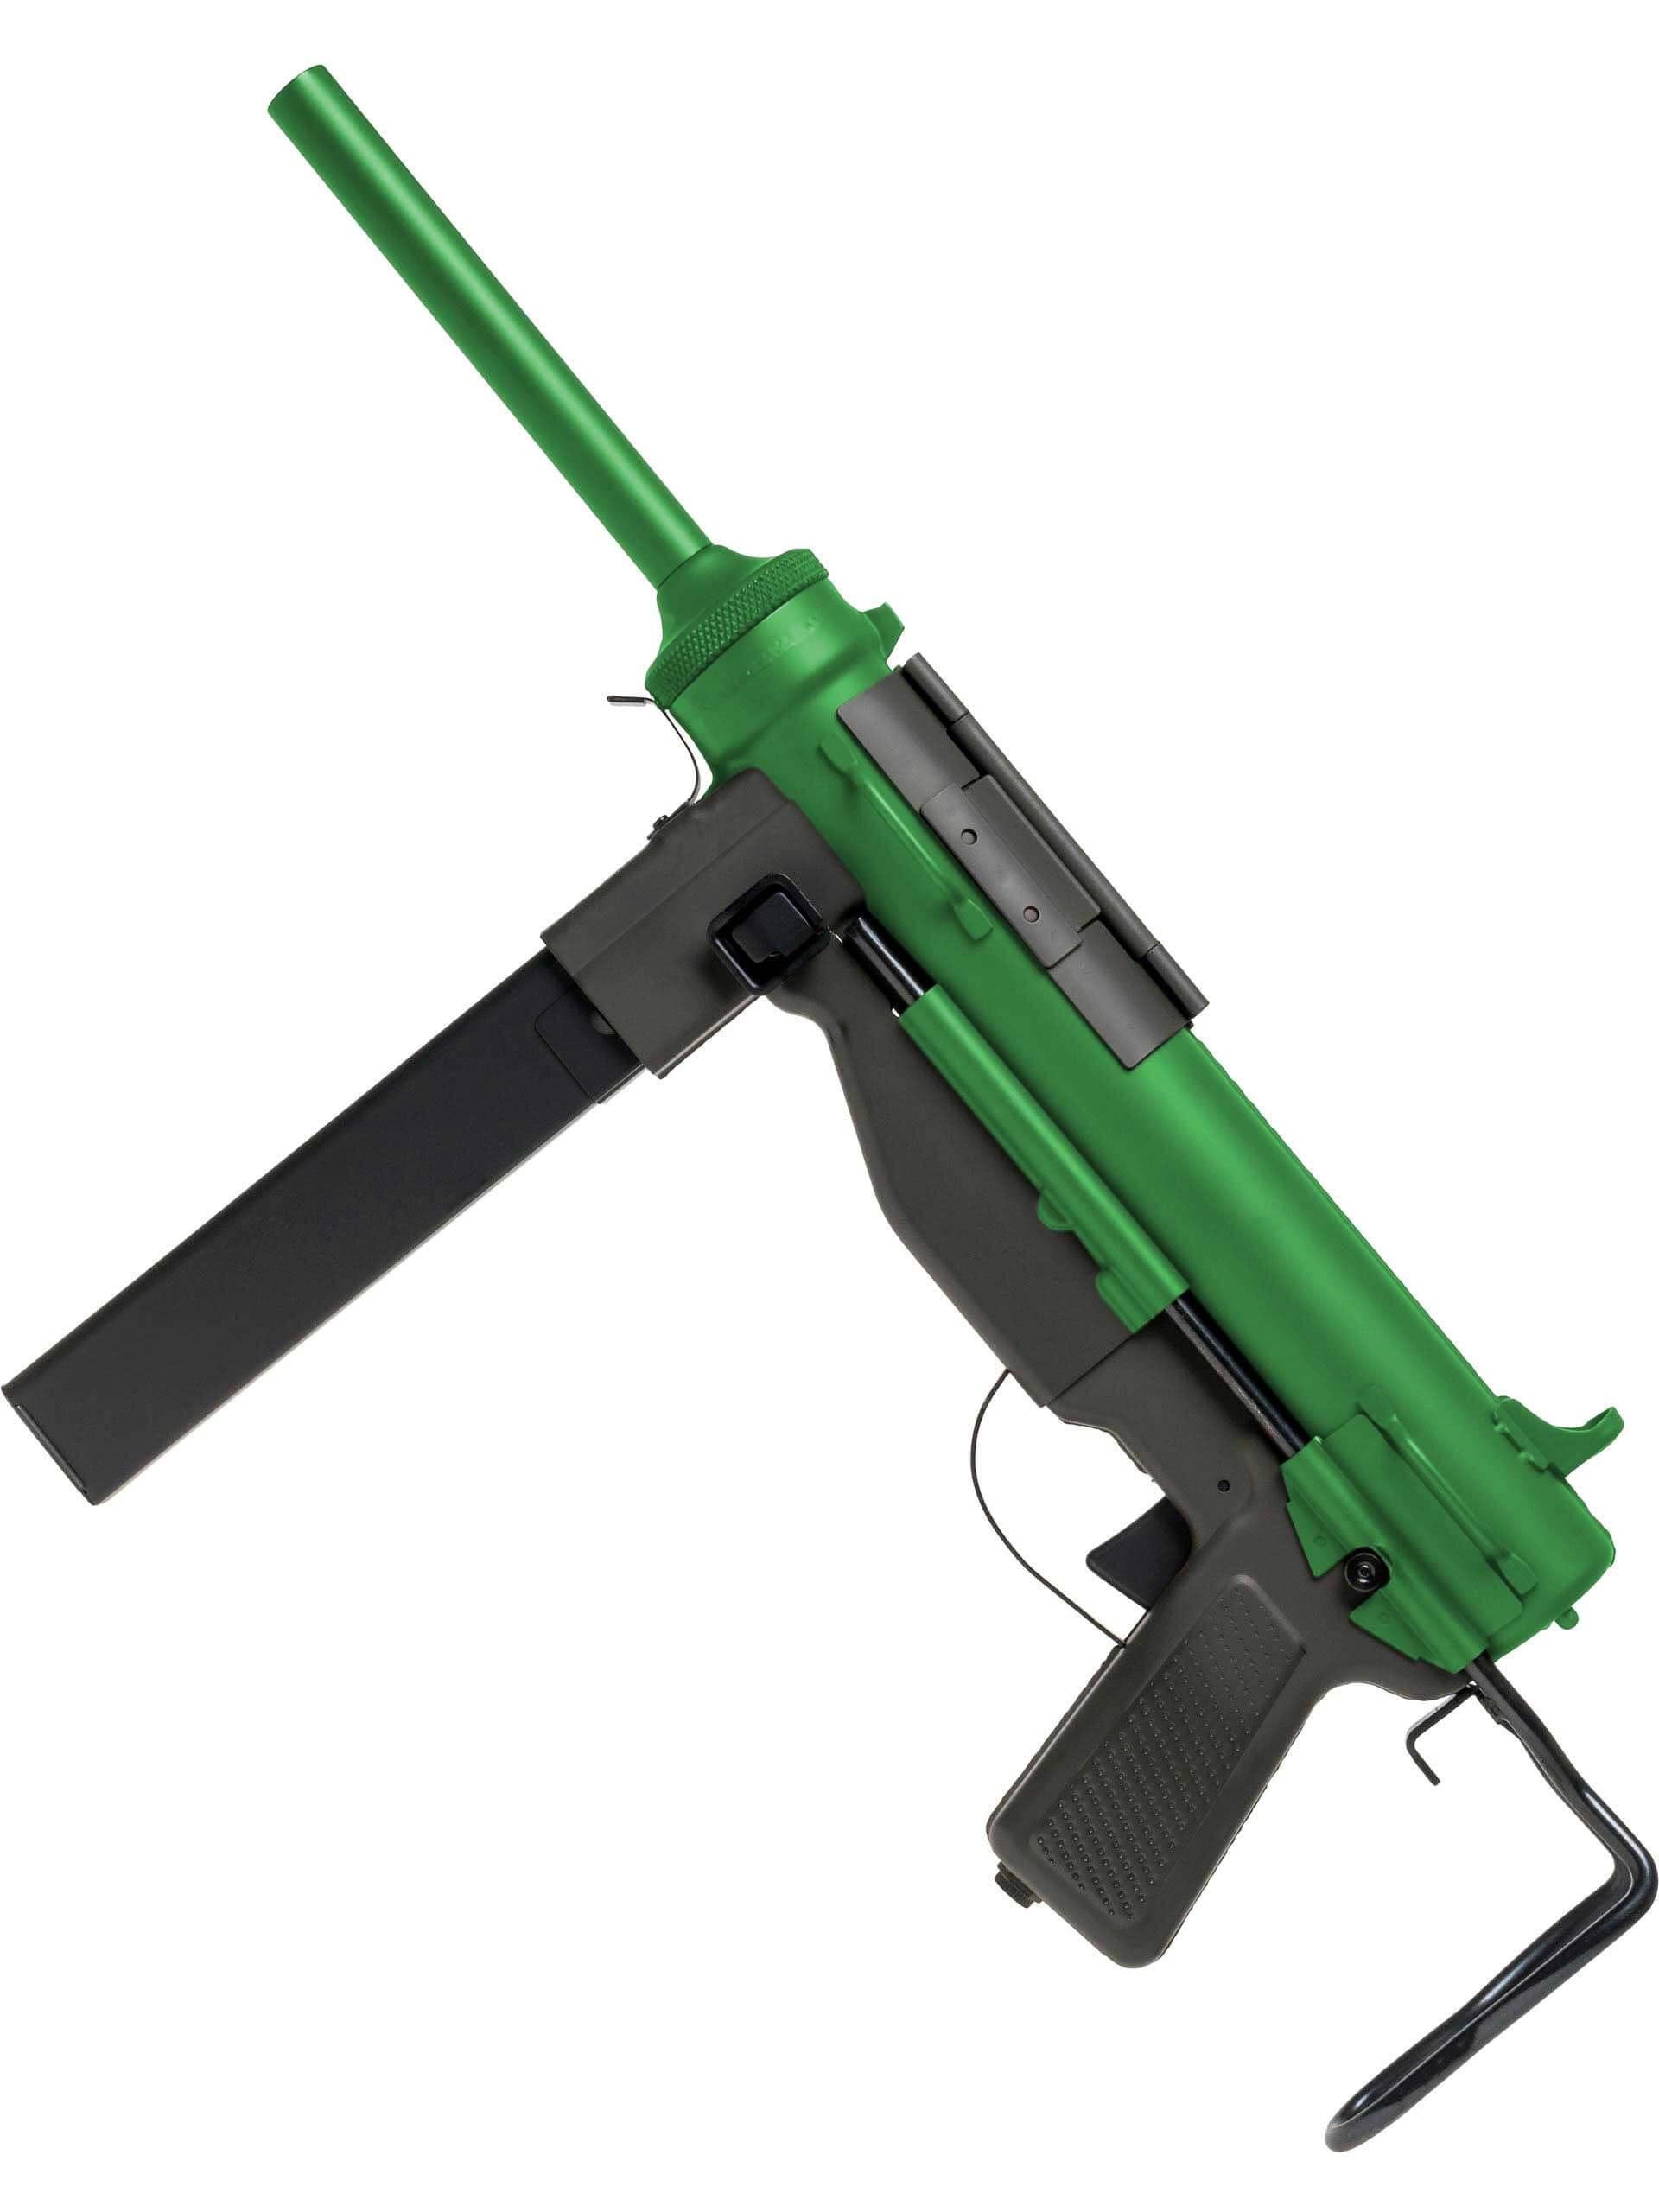 Snow Wolf M3 Submachine Gun 'Grease Gun'